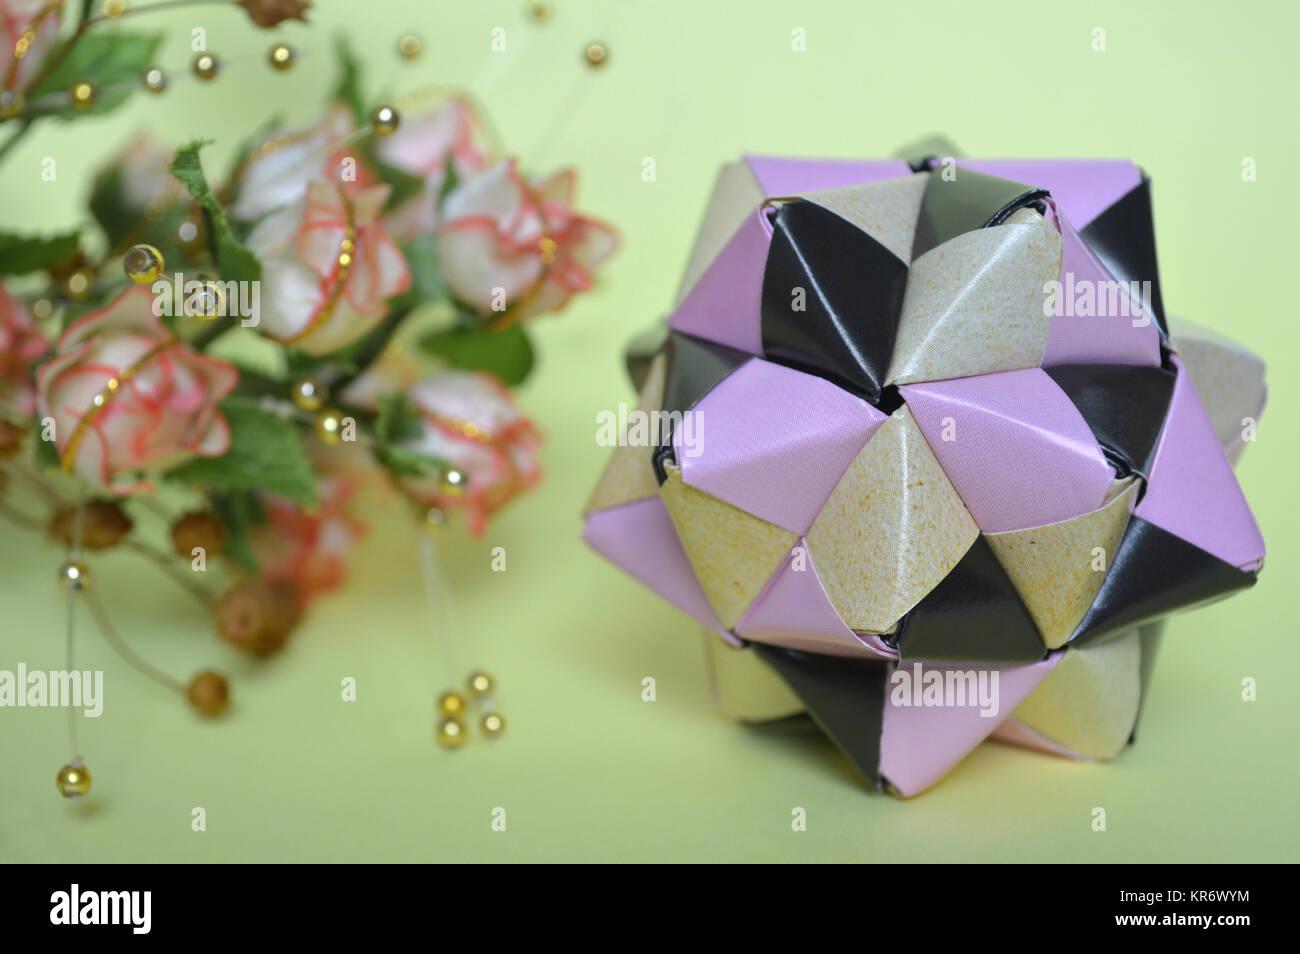 Origami aus 90 Teilen | Sonobe Ball in Regenbogenfarben | Großer ... | 954x1300